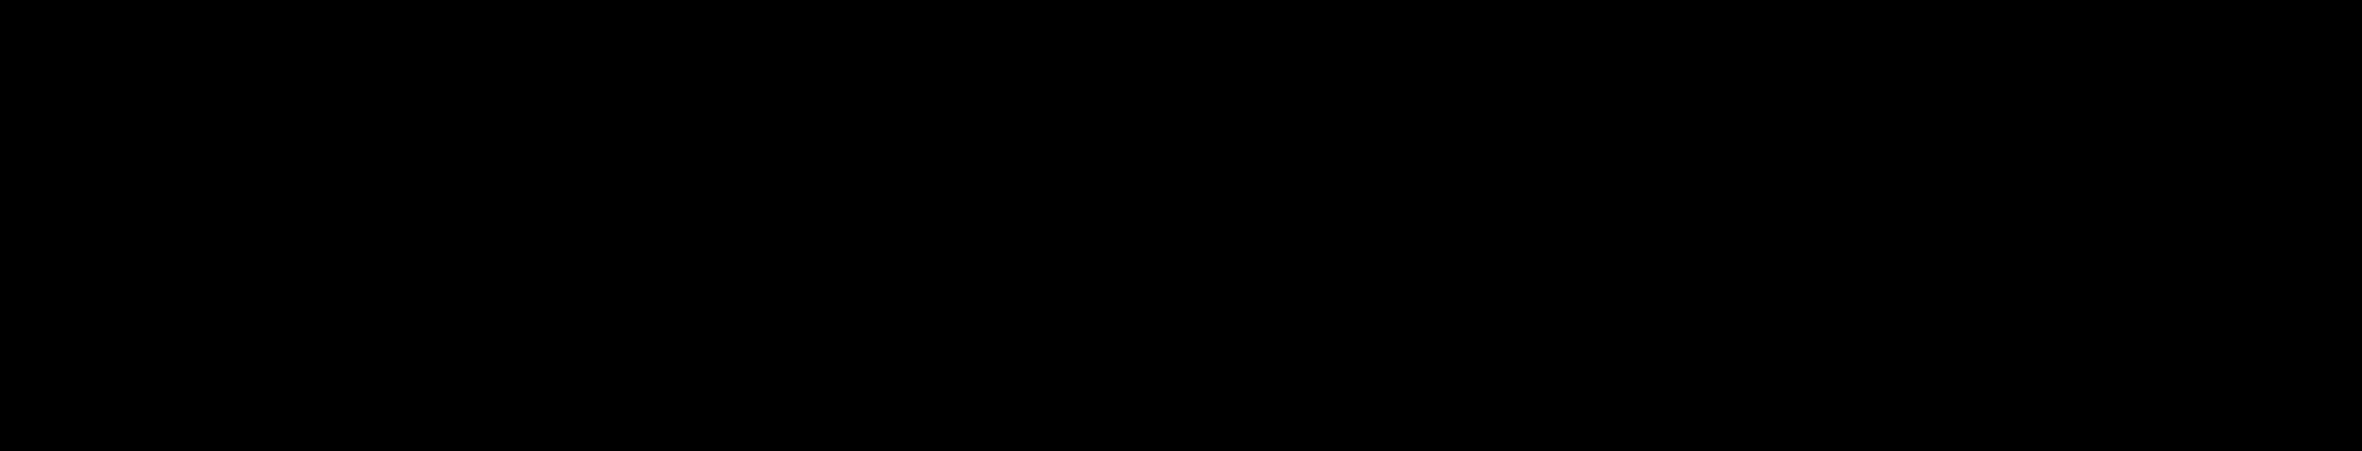 design hotel logo transp.png